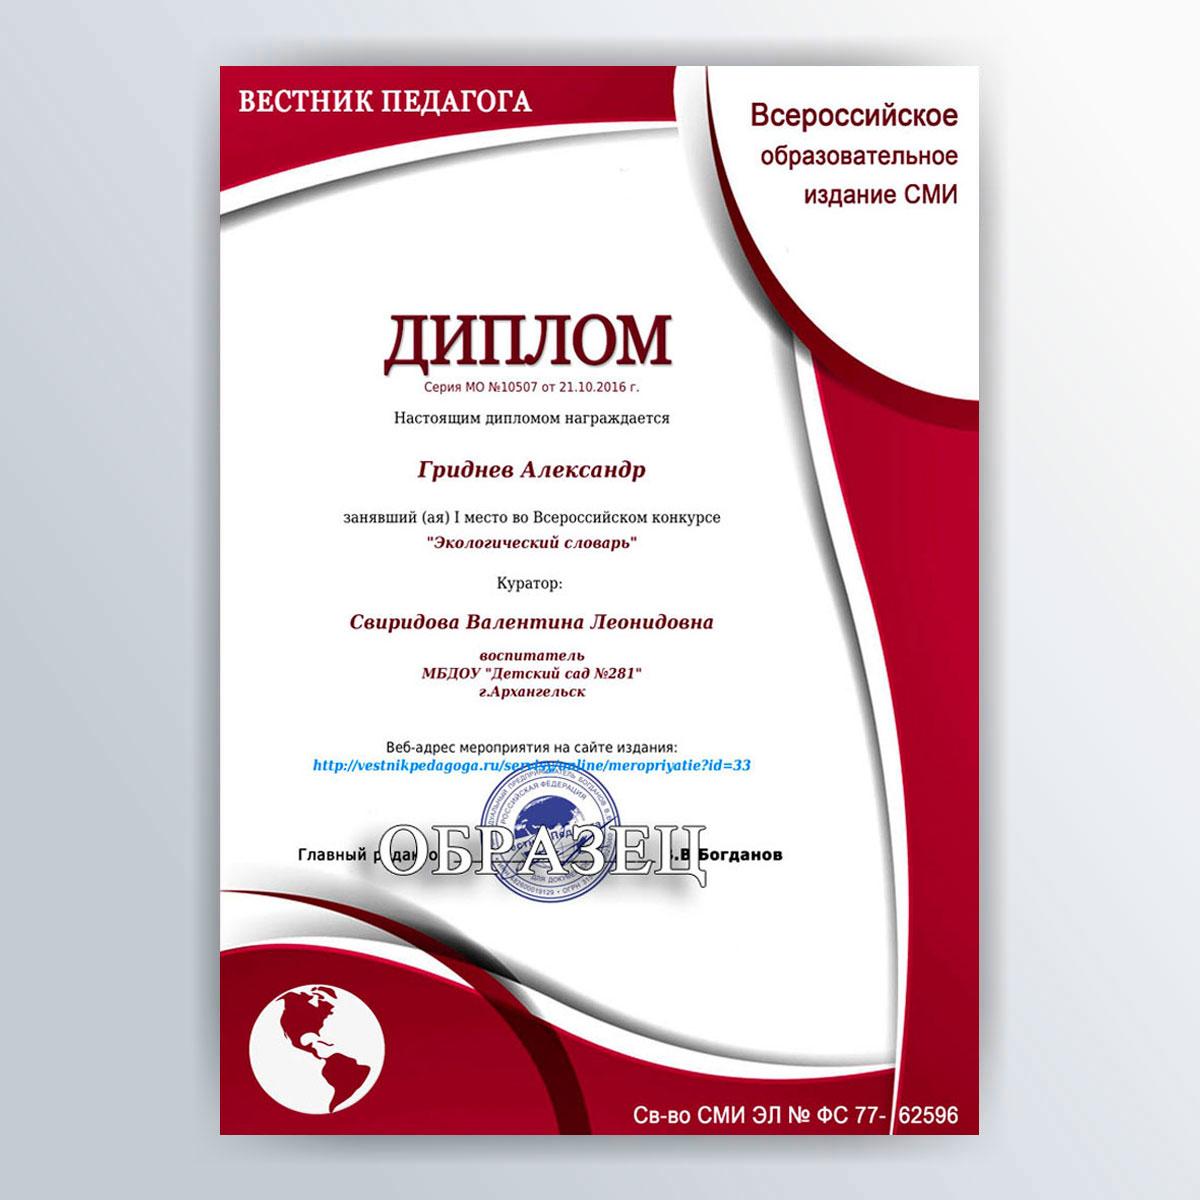 Вестник педагога Диплом всероссийского педагогического онлайн  Образец свидетельства о публикации